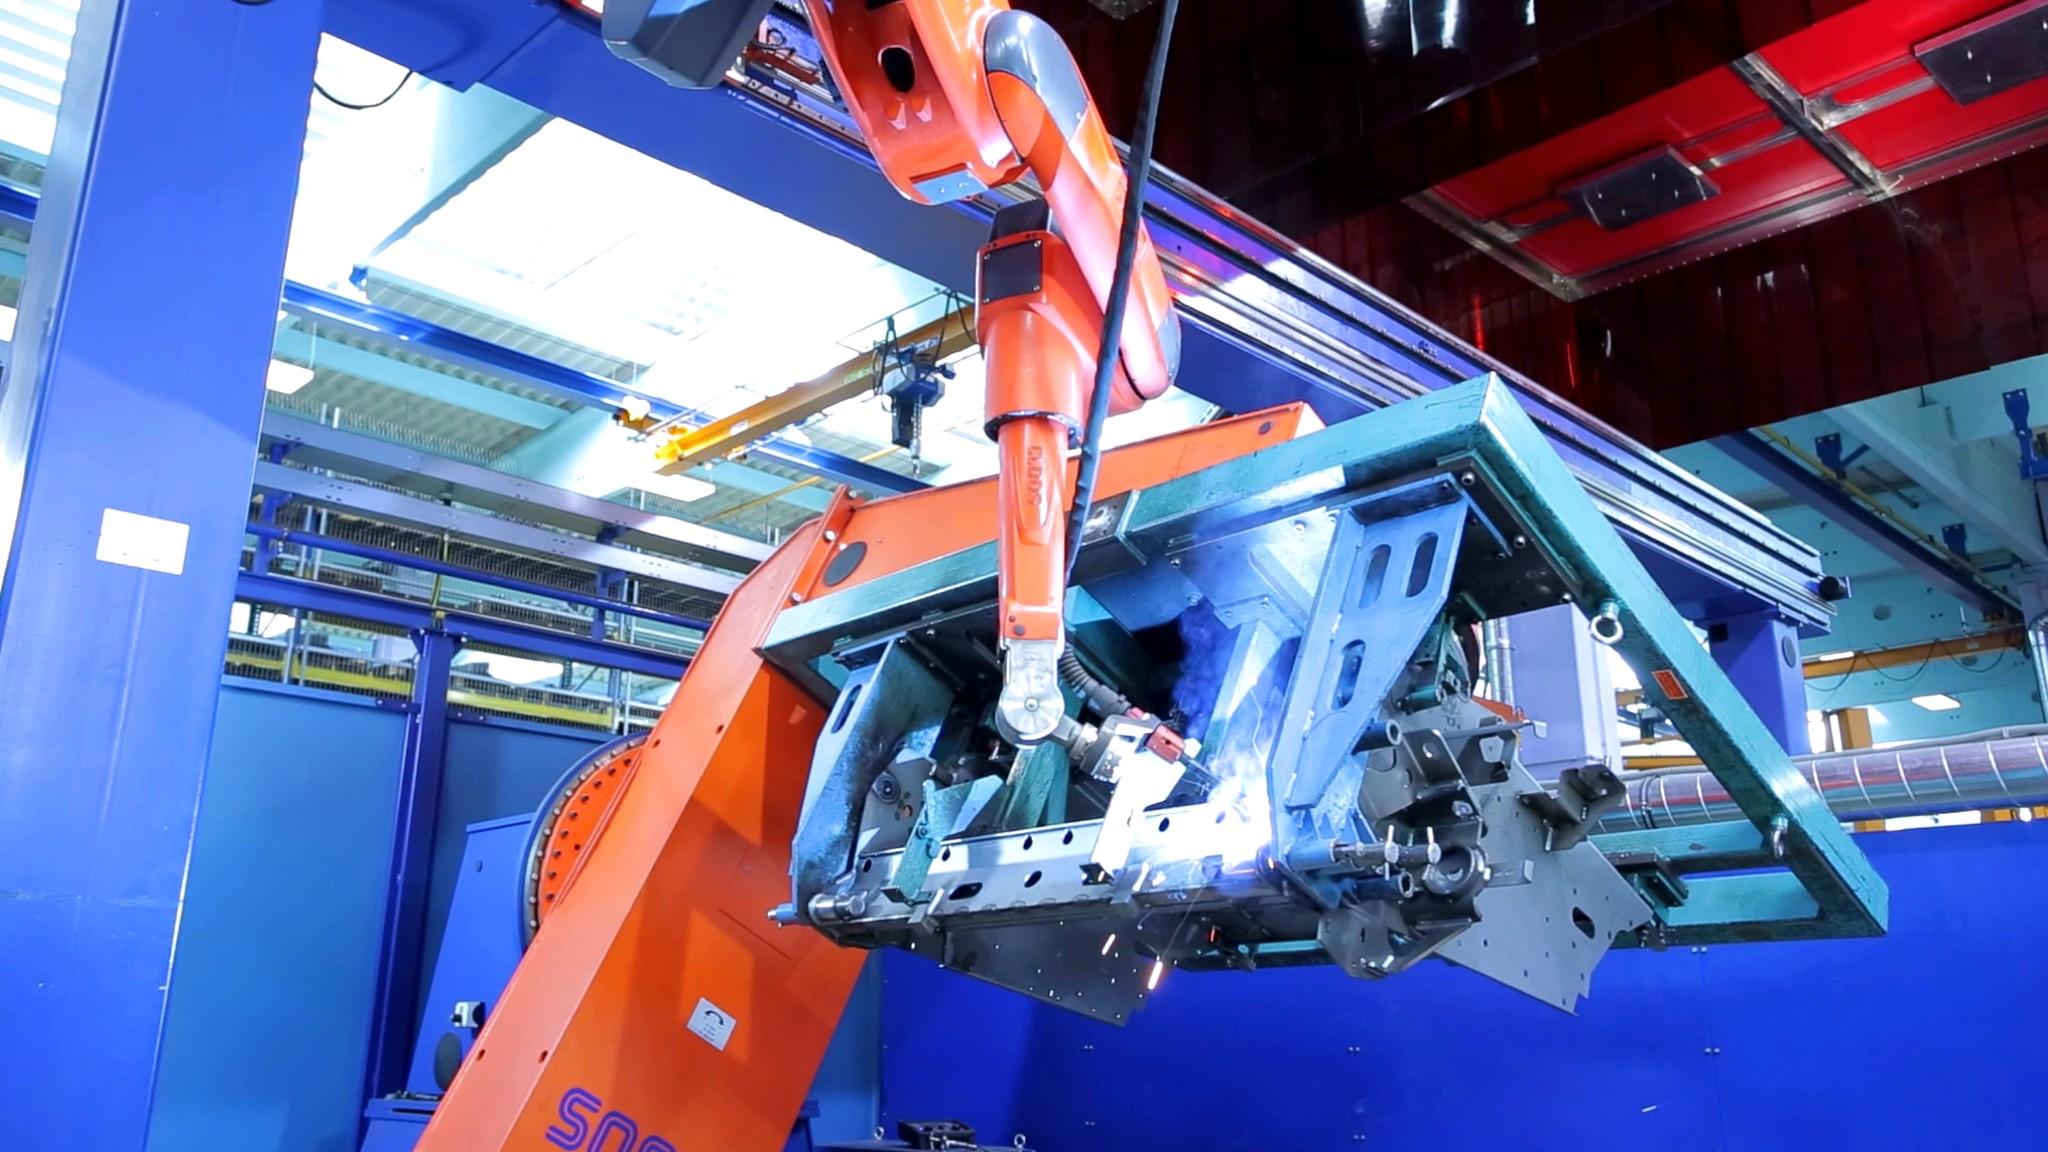 Automatizace je vAgrostroji široce rozšířená. Stroje zde už zastanou 60procent veškeré práce akromě CNC obráběcích strojů nechybí ani lasery, mechanické ahydraulické lisy nebo svařovací roboti.